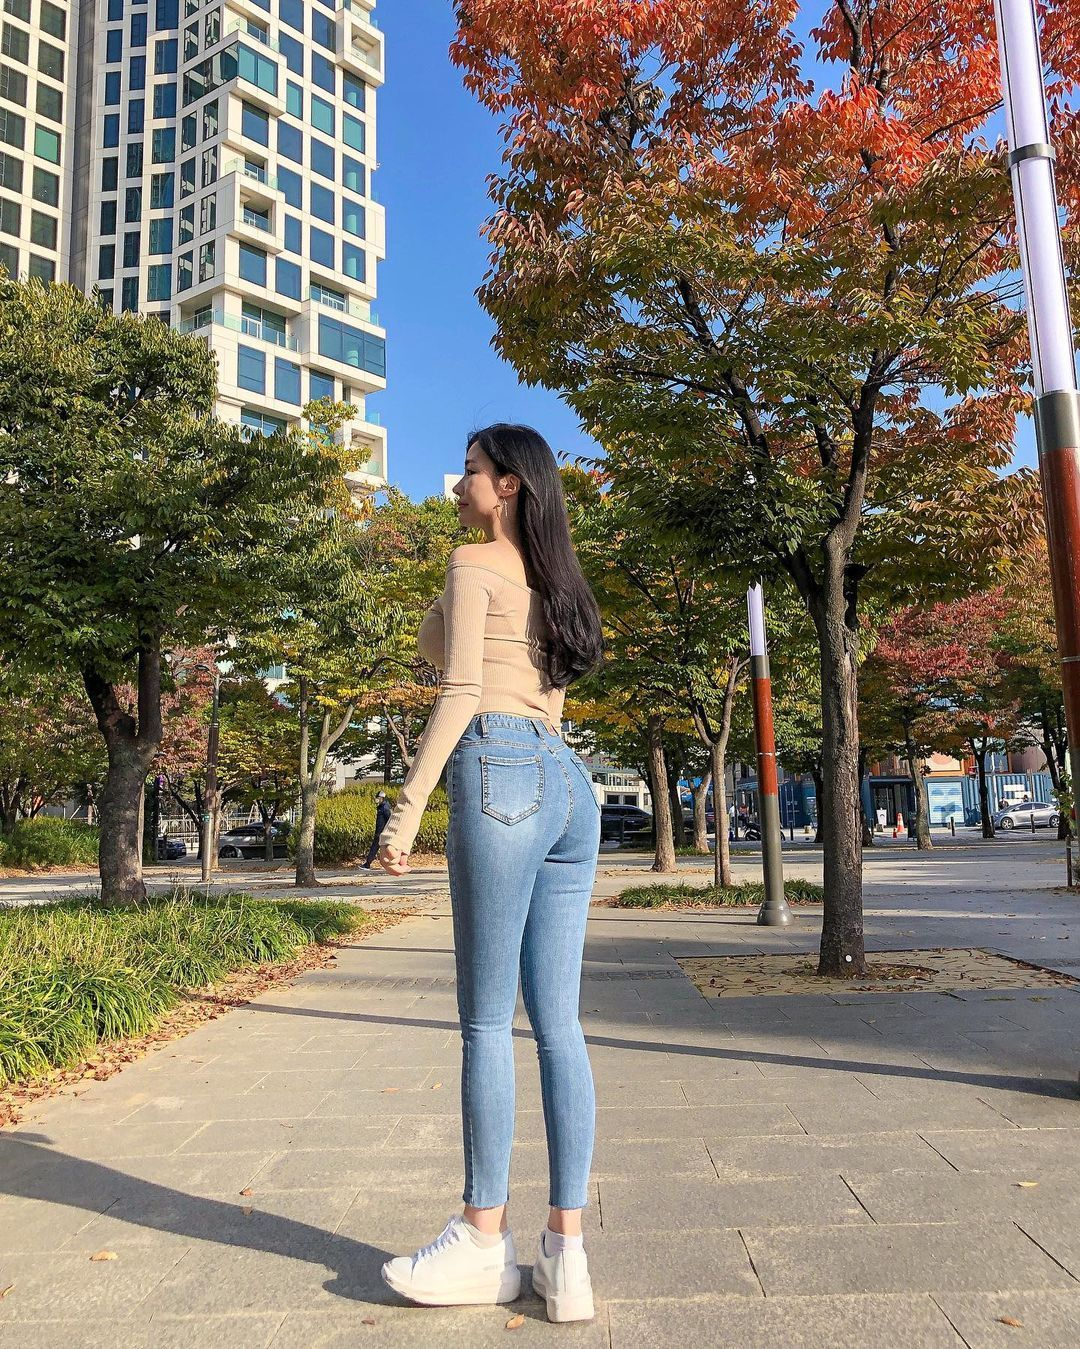 清凉穿着自己卖 [韩国泳衣阙娘Yebin]亲自试穿性感度满点 养眼图片 第30张